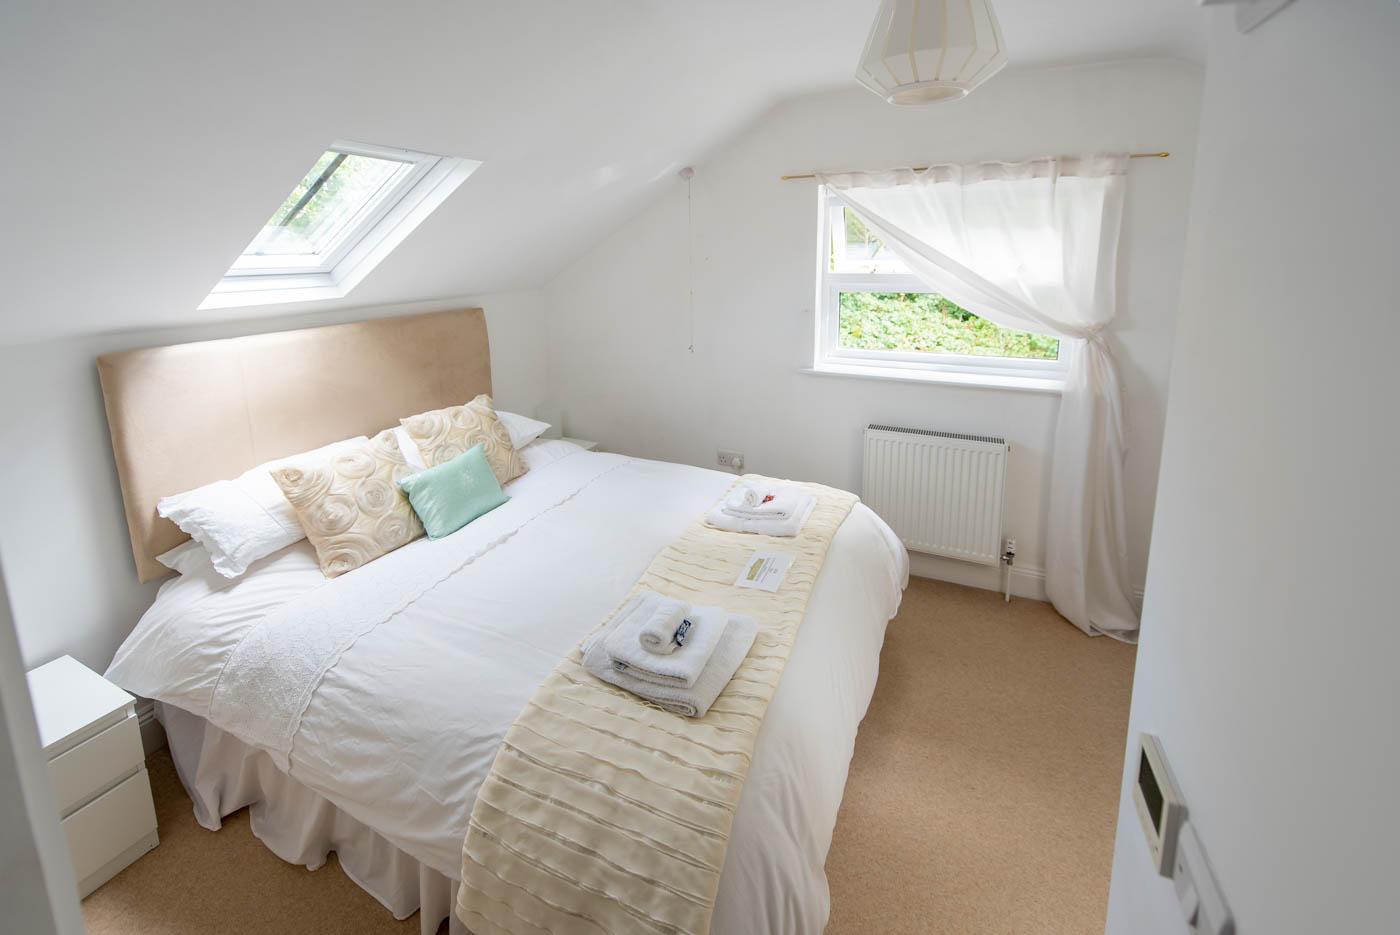 Tavy Room